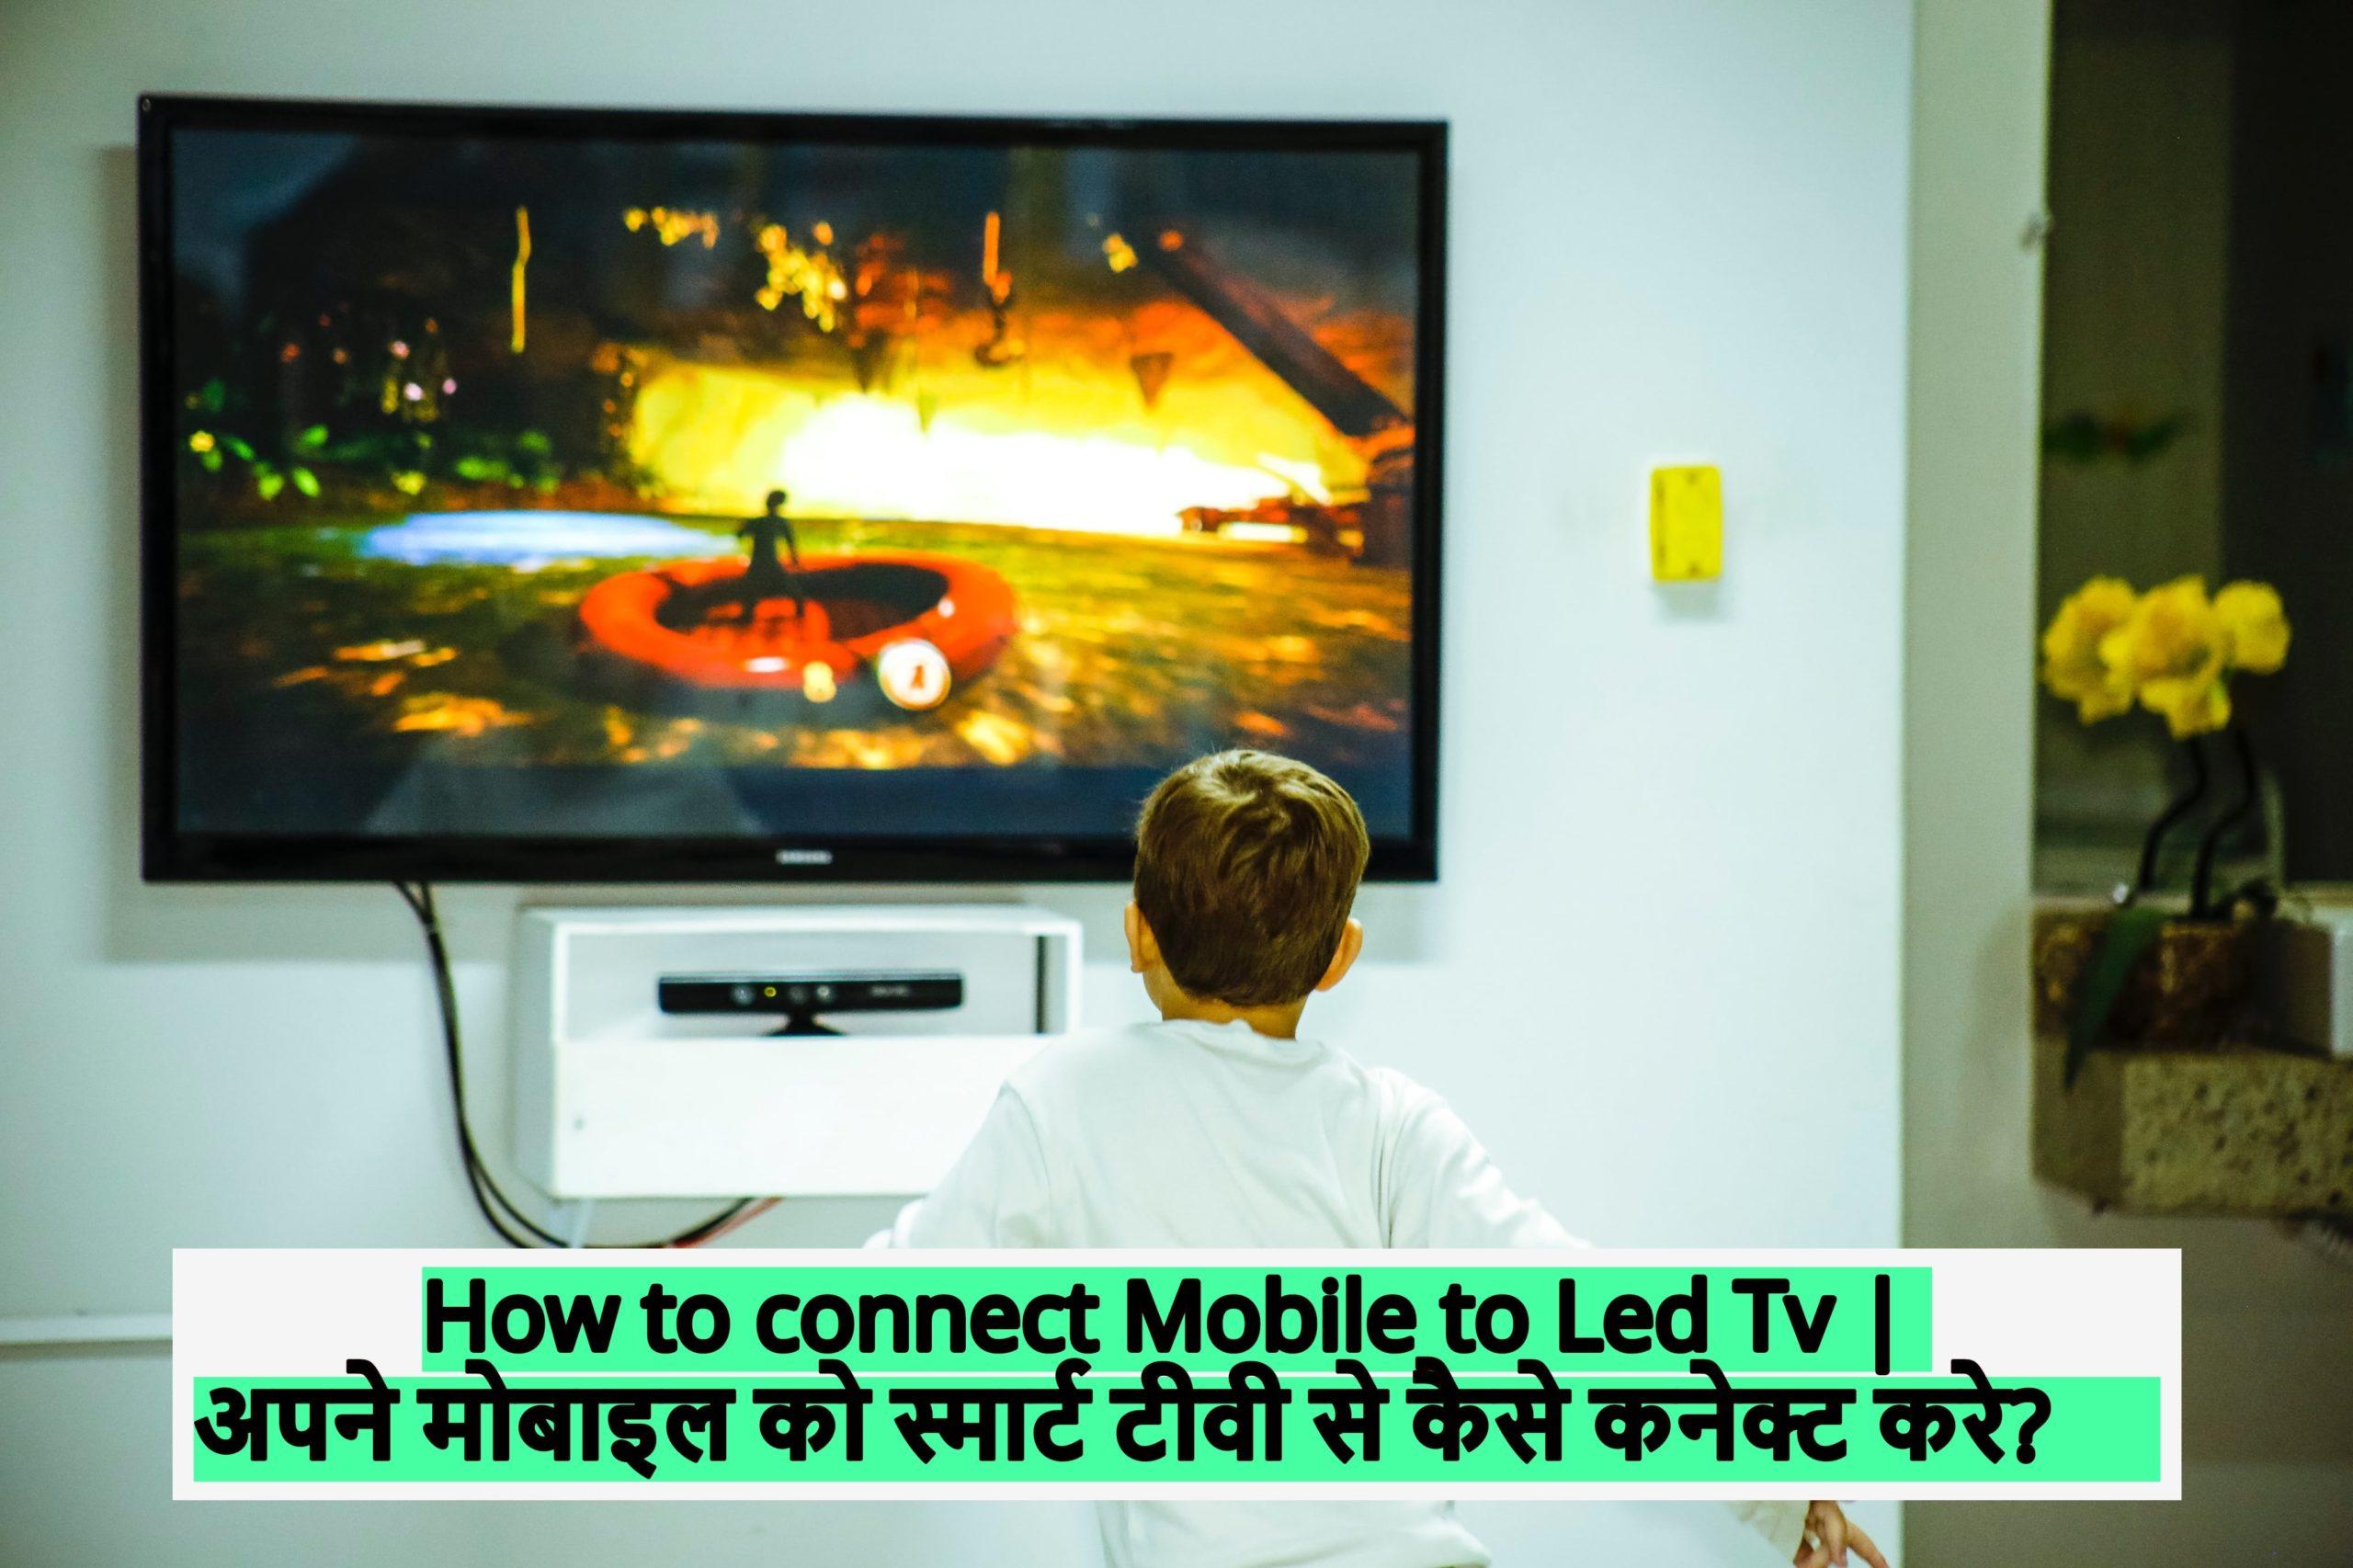 How to connect mobile to tv | अपने मोबाइल को स्मार्ट टीवी से कैसे कनेक्ट करे?